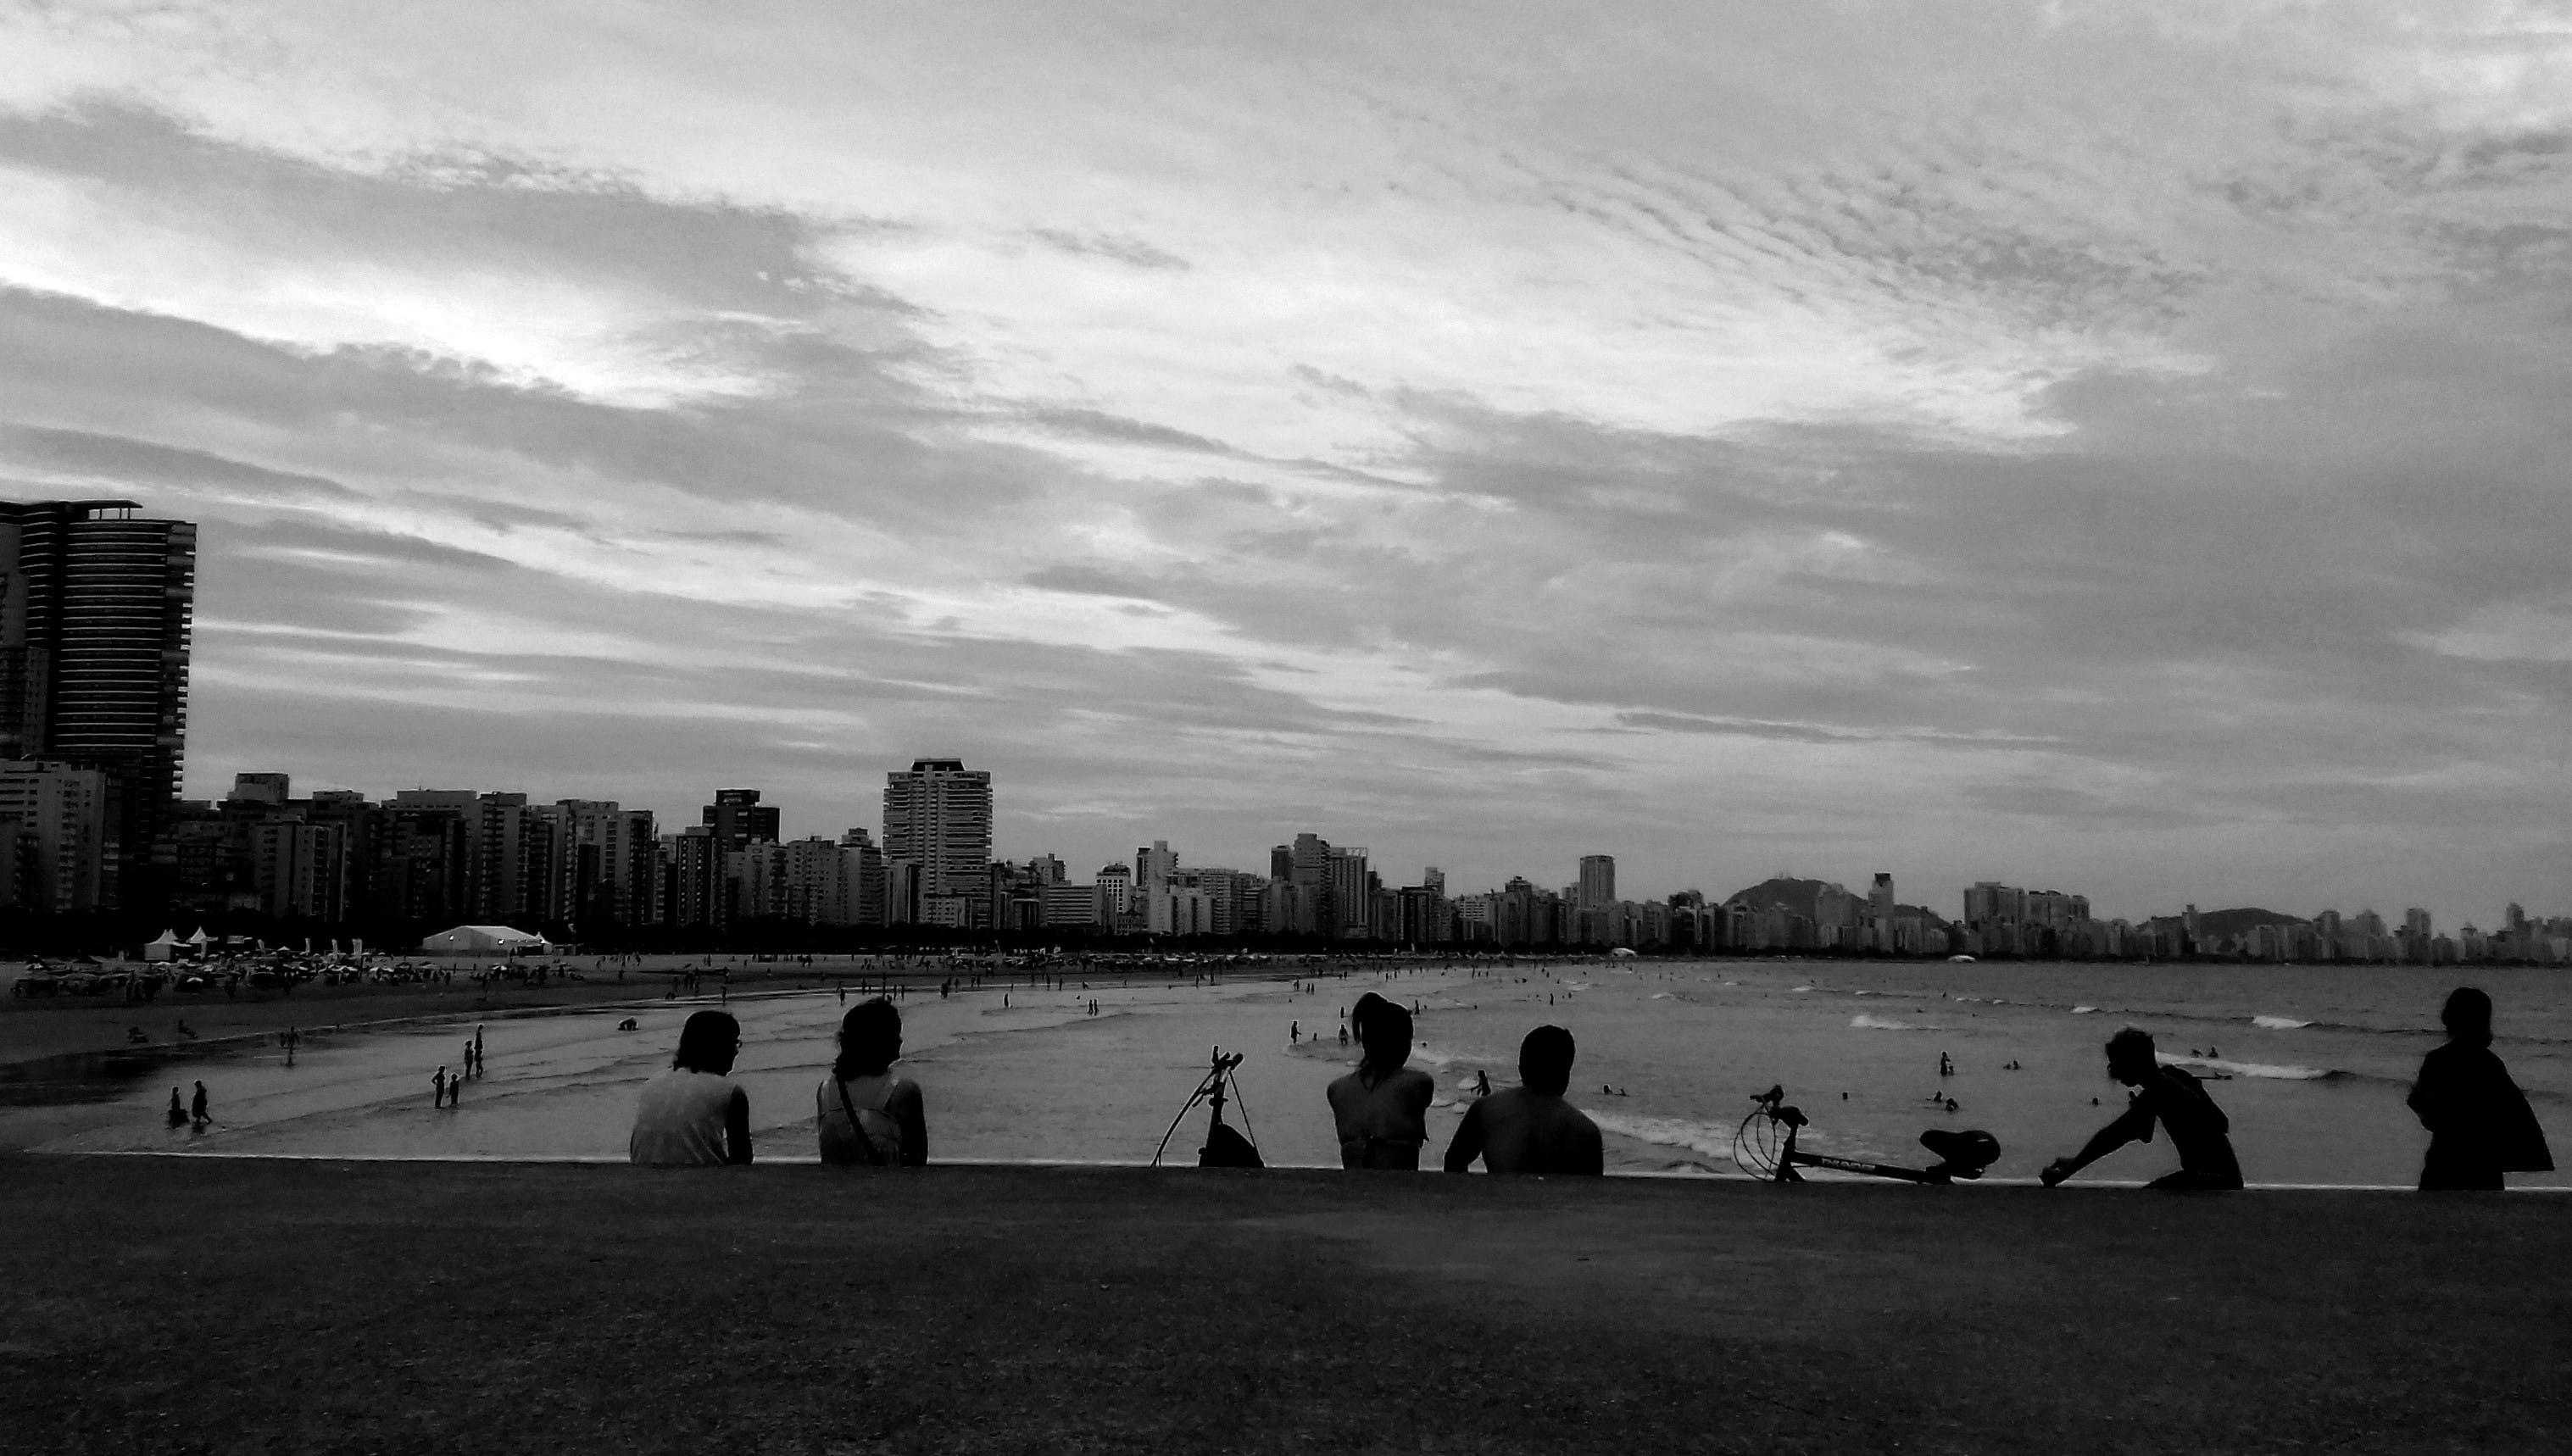 城市, 天空, 娛樂, 建築 的 免费素材照片